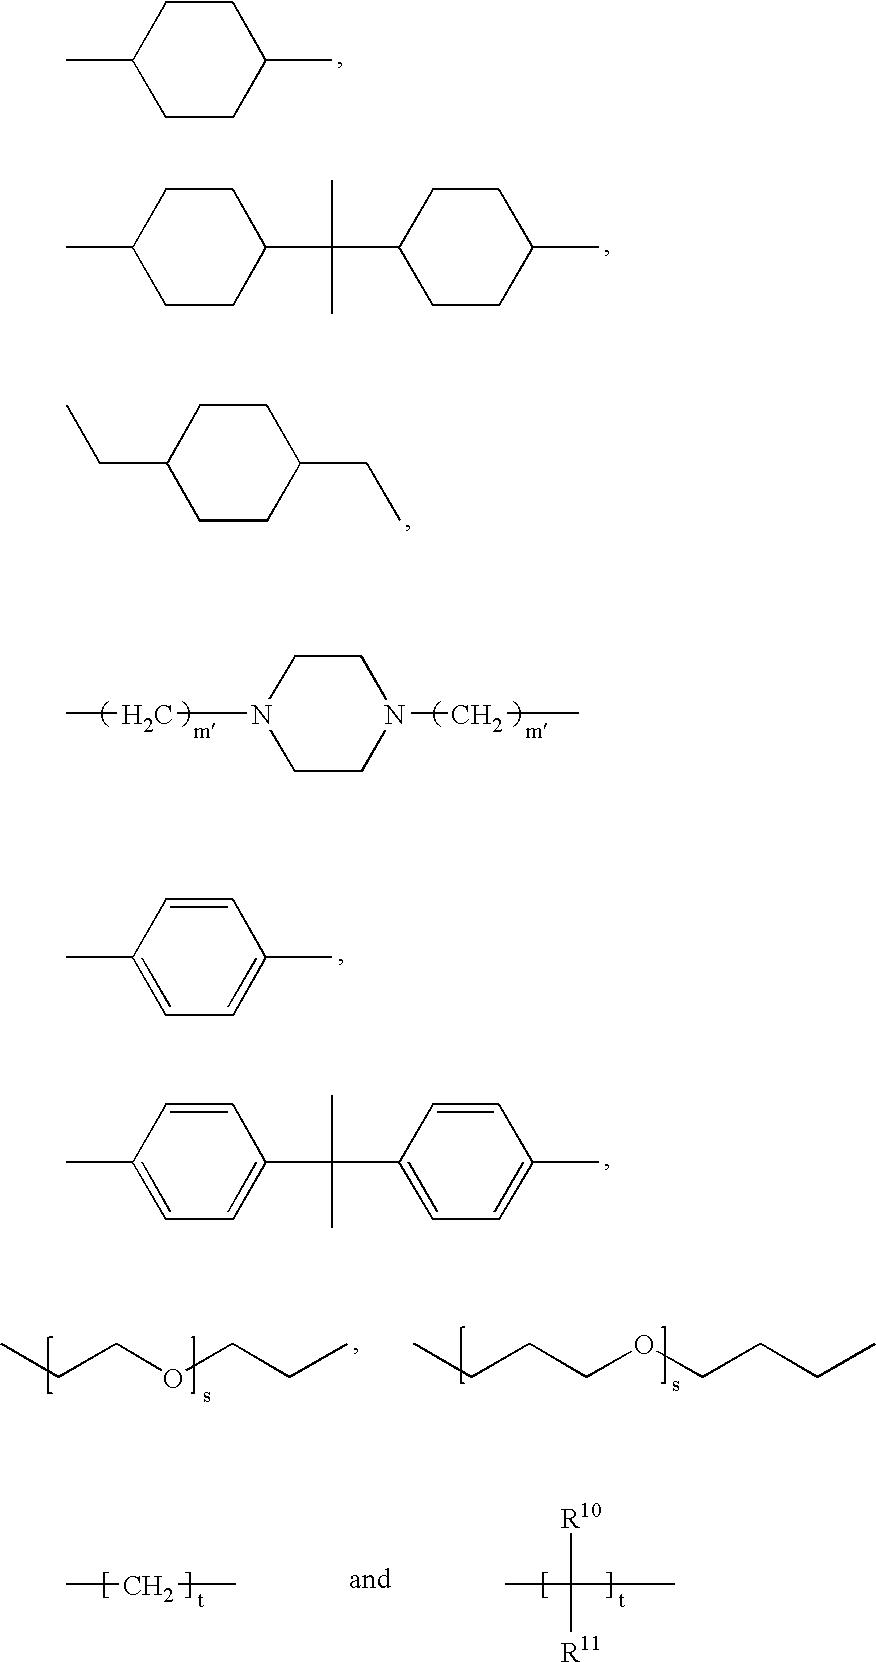 Figure US20060235084A1-20061019-C00030